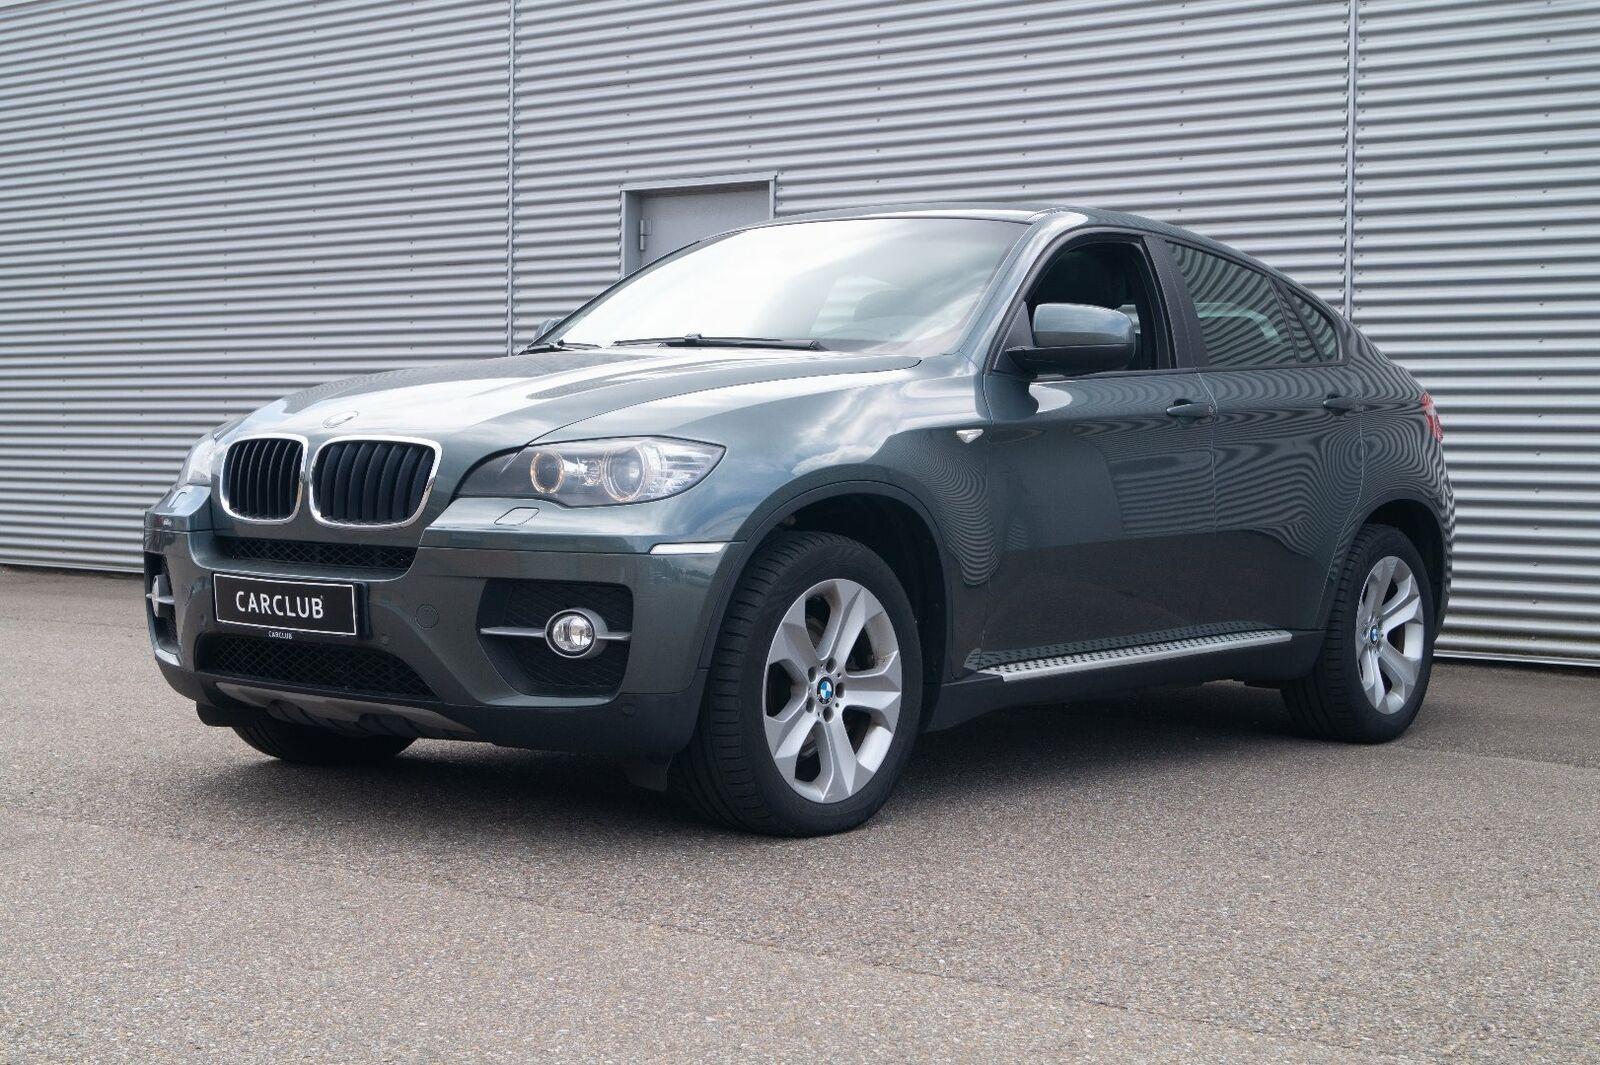 BMW X6 3,0 xDrive30d aut. 5d - 279.900 kr.